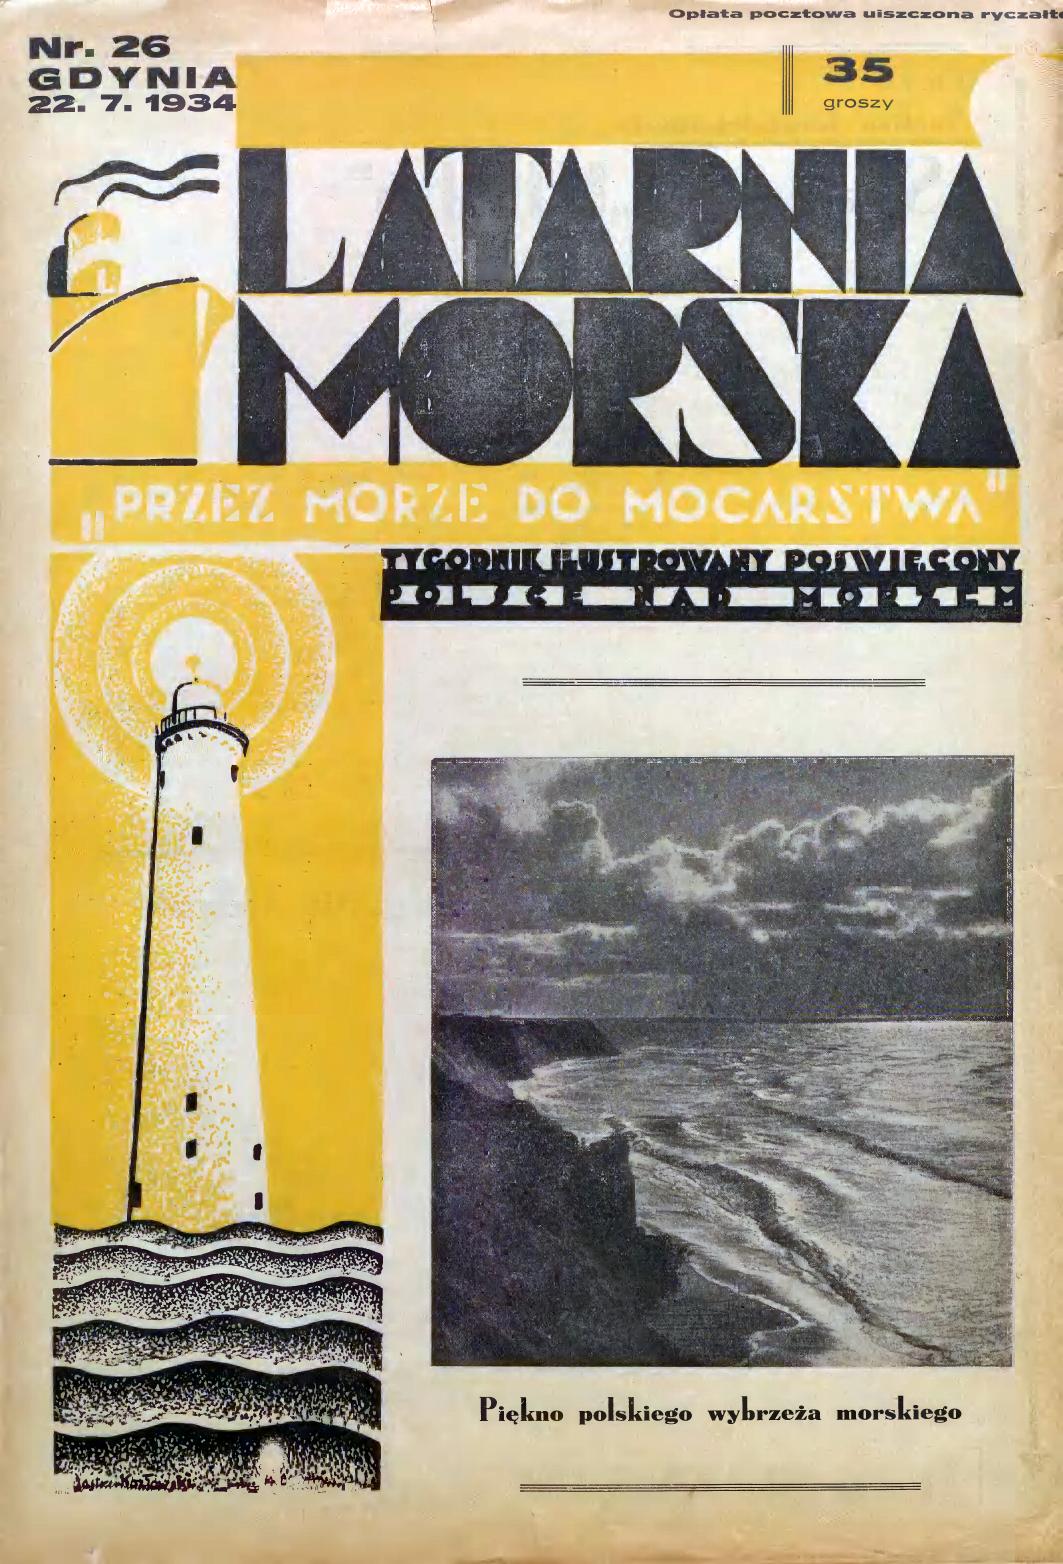 Latarnia Morska: tygodnik ilustrowany poświęcony Polsce nad morzem. – Gdynia : Balto Polak – Zakłady Graficzne i Wydawnicze, 1934, nr 26